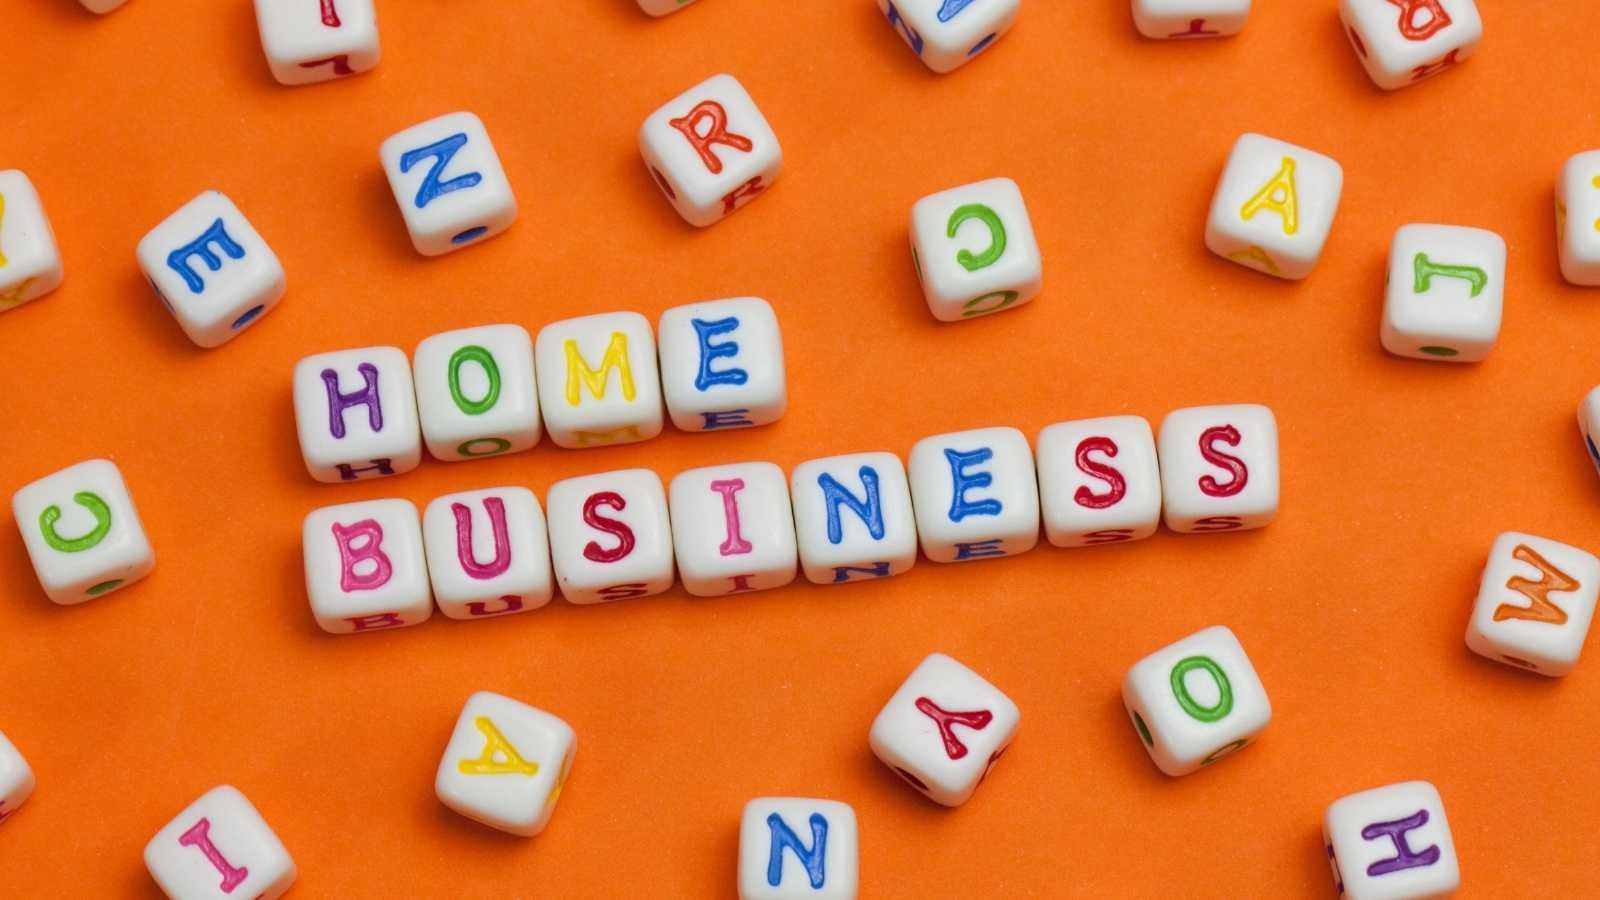 ide bisnis kecil untuk rumah tangga